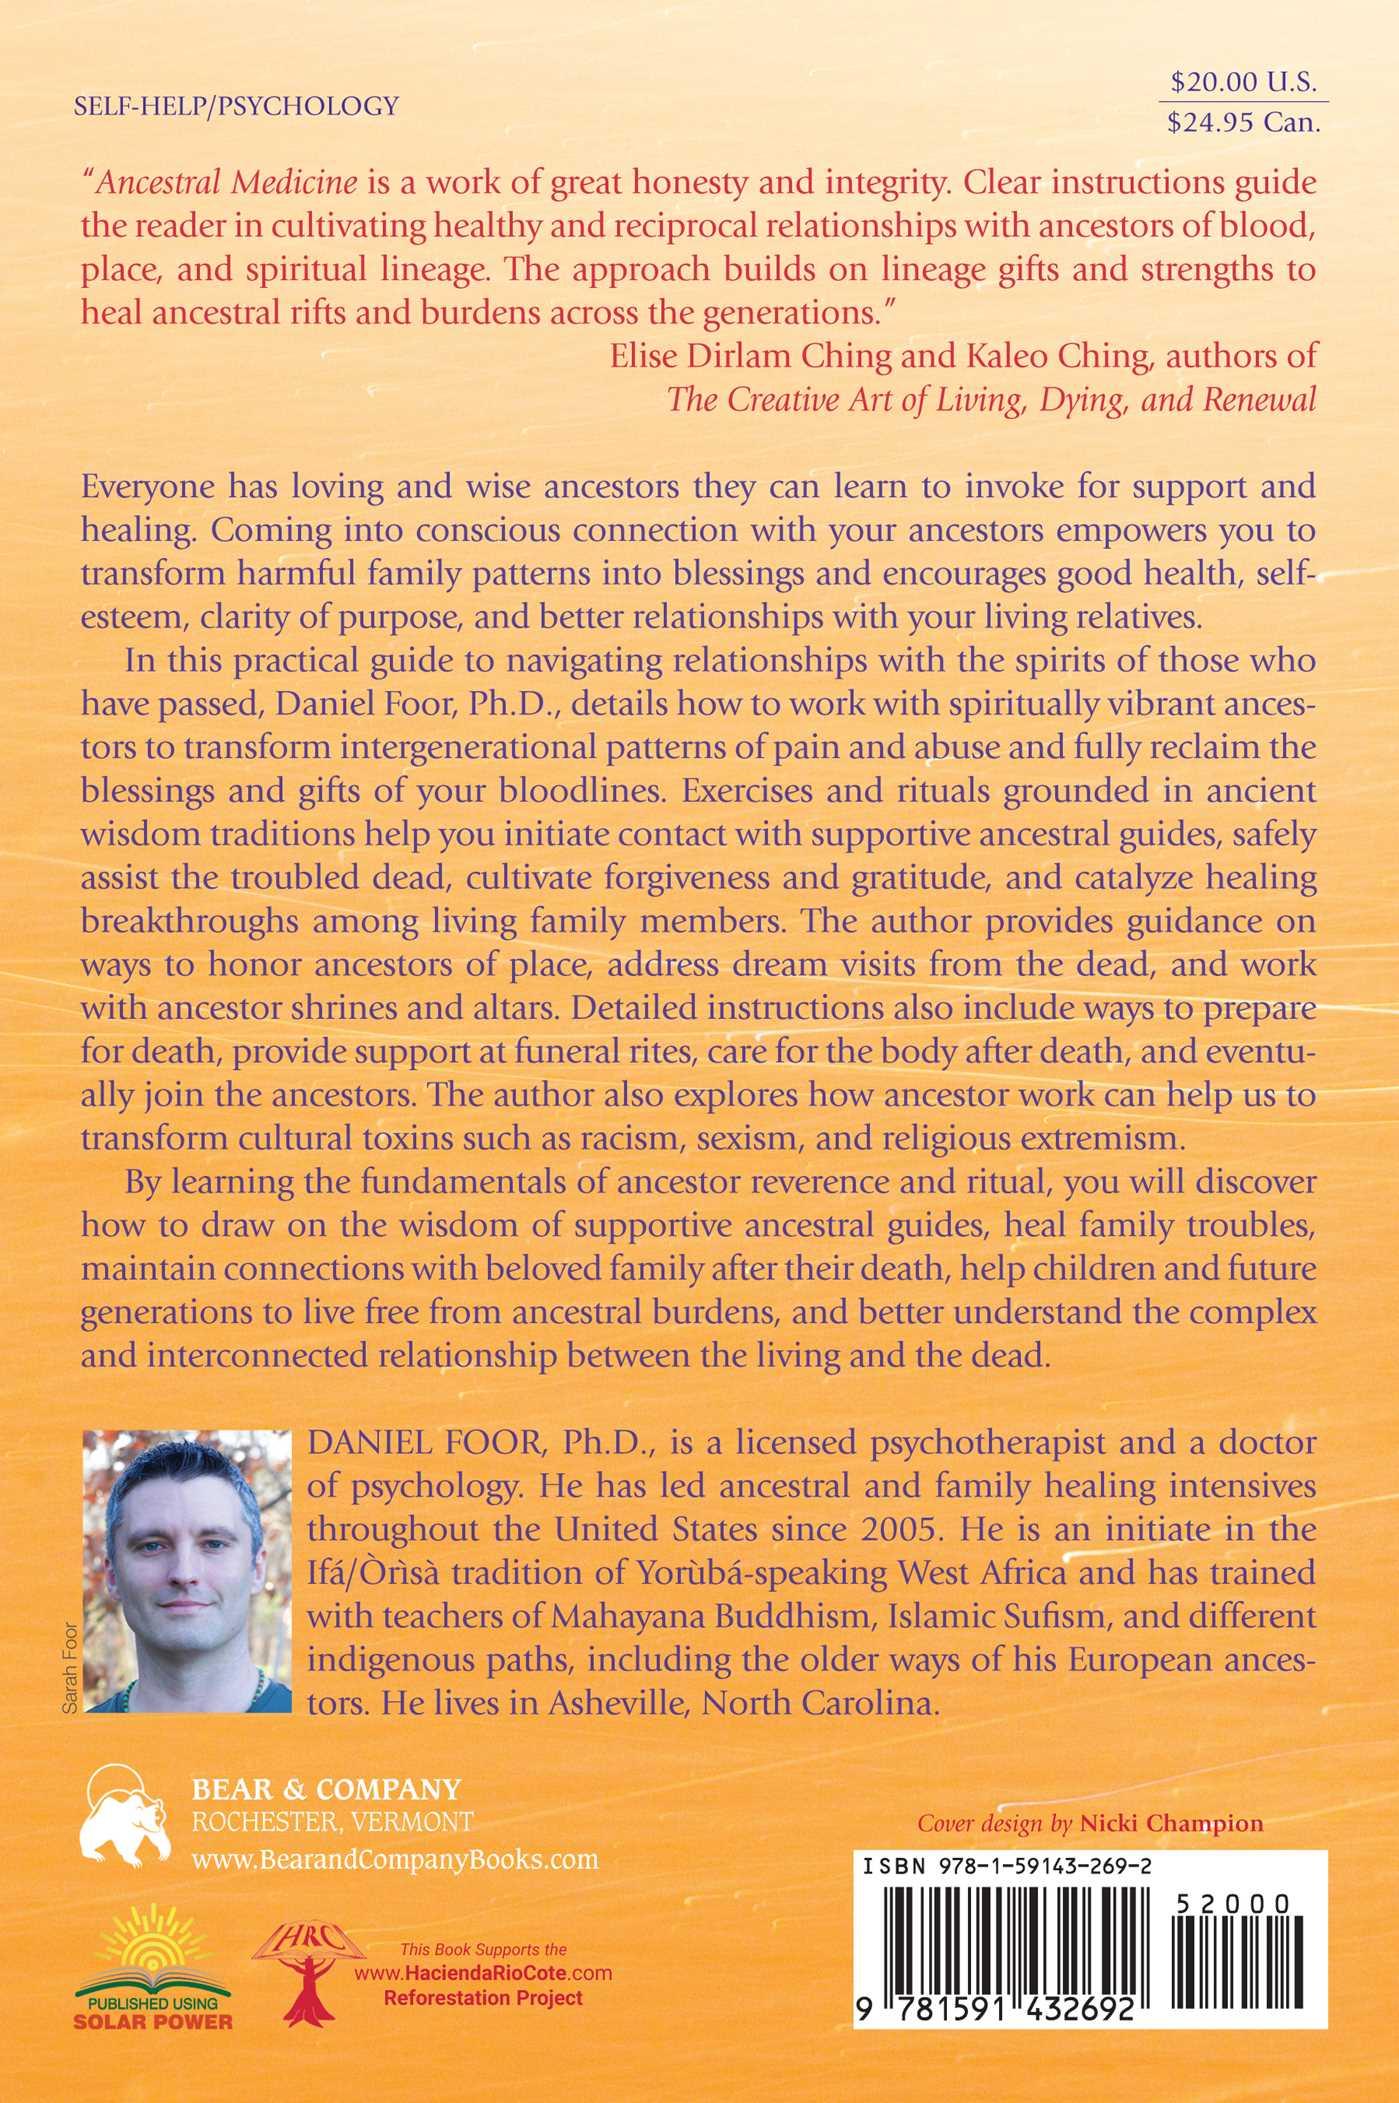 Ancestral Medicine | Book by Daniel Foor, Daniel Foor | Official